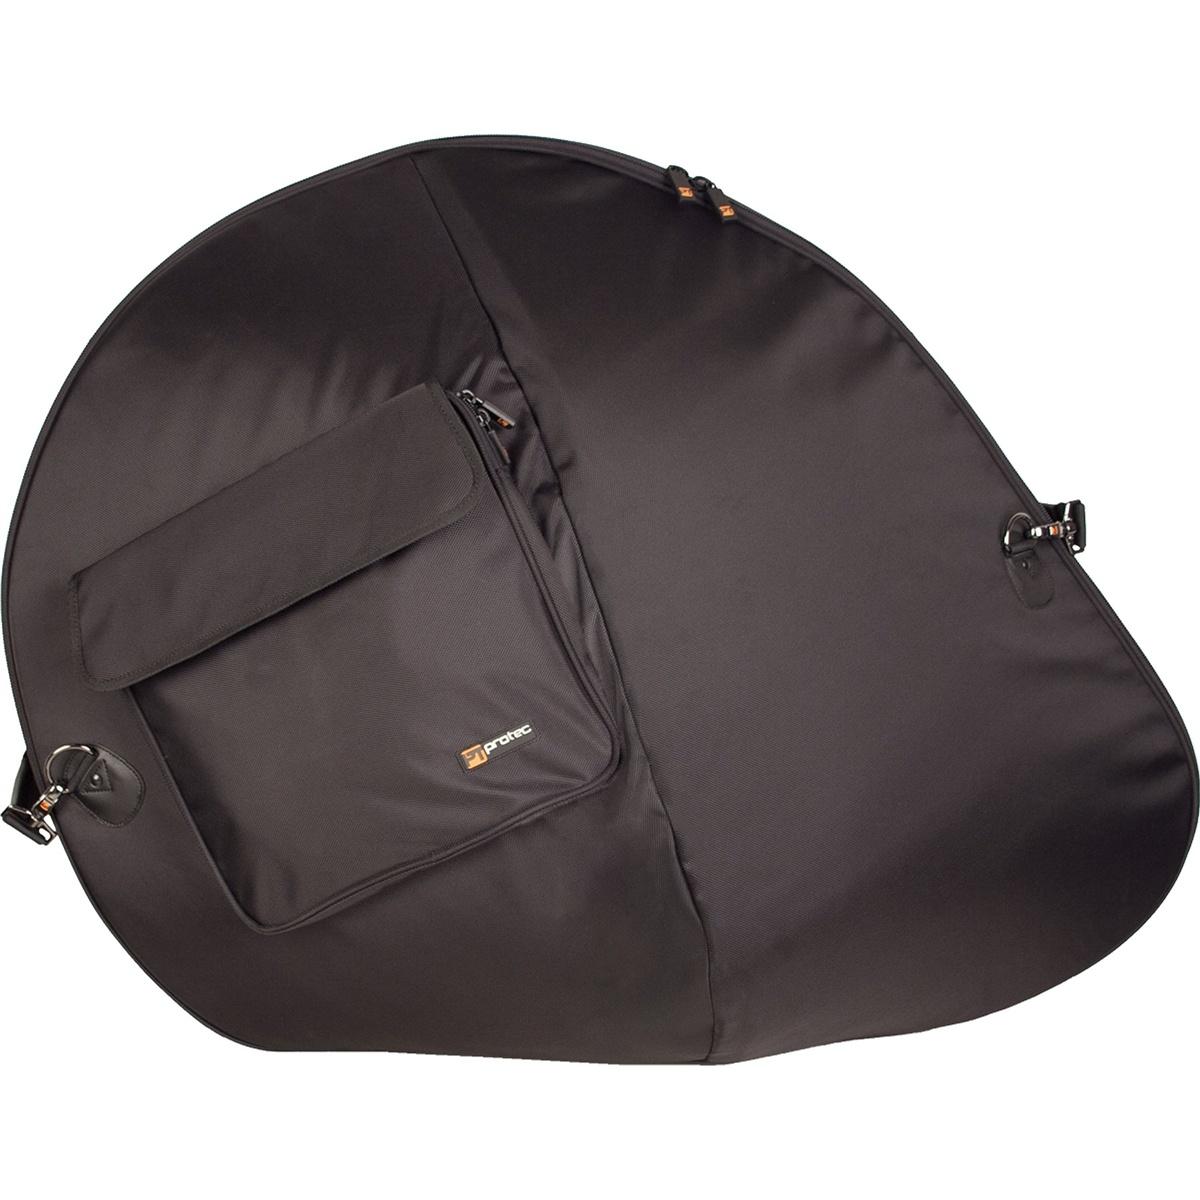 Protec Protec Deluxe Sousa Bag